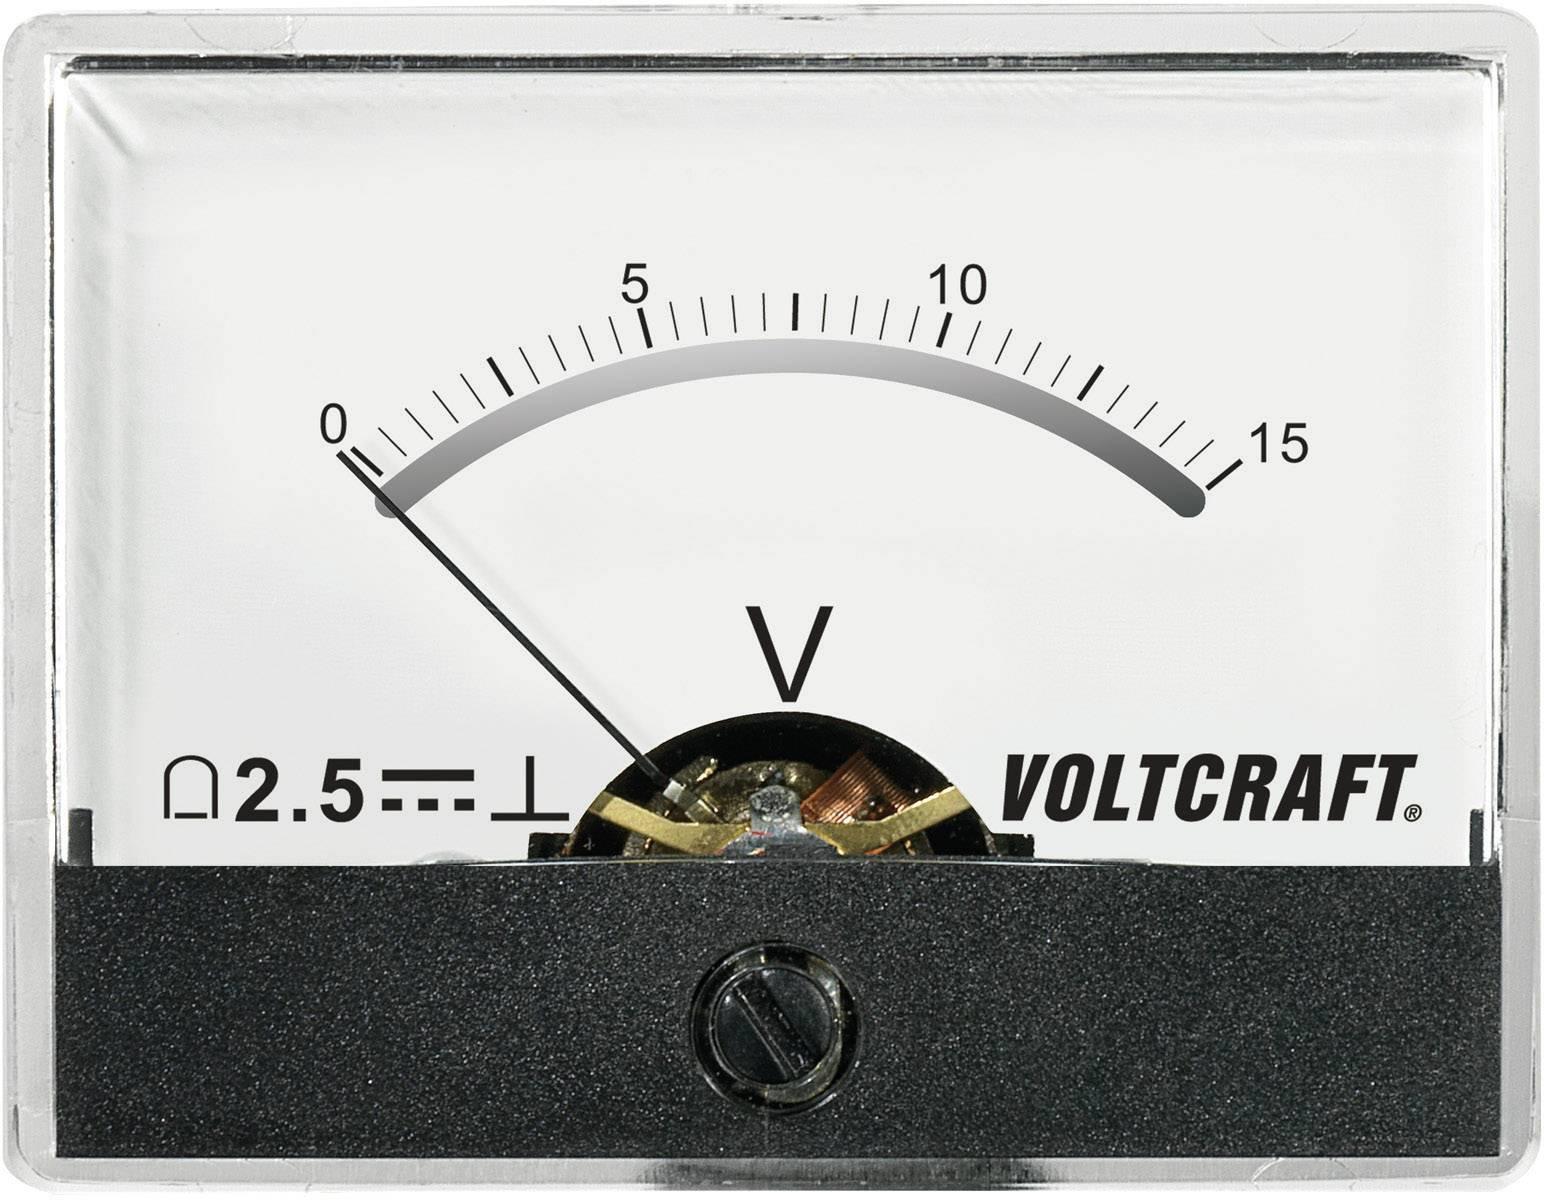 VOLTCRAFT AM-60X46/15V/DC Ugrađeni mjerni uređaj AM-60x46  15 V pomični svitak